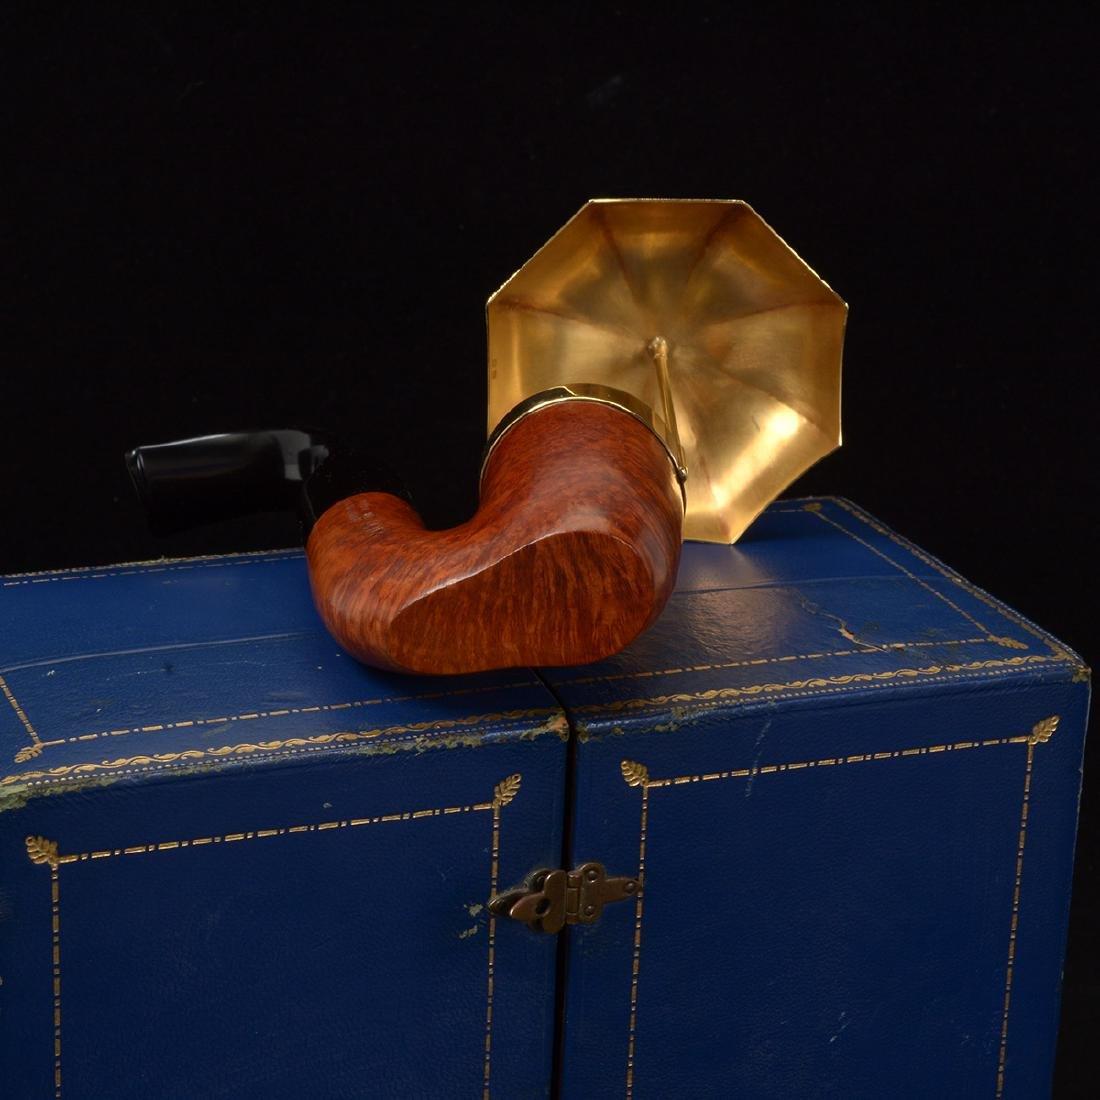 Dunhill Umbrella Pipe with Presentation Box - 7